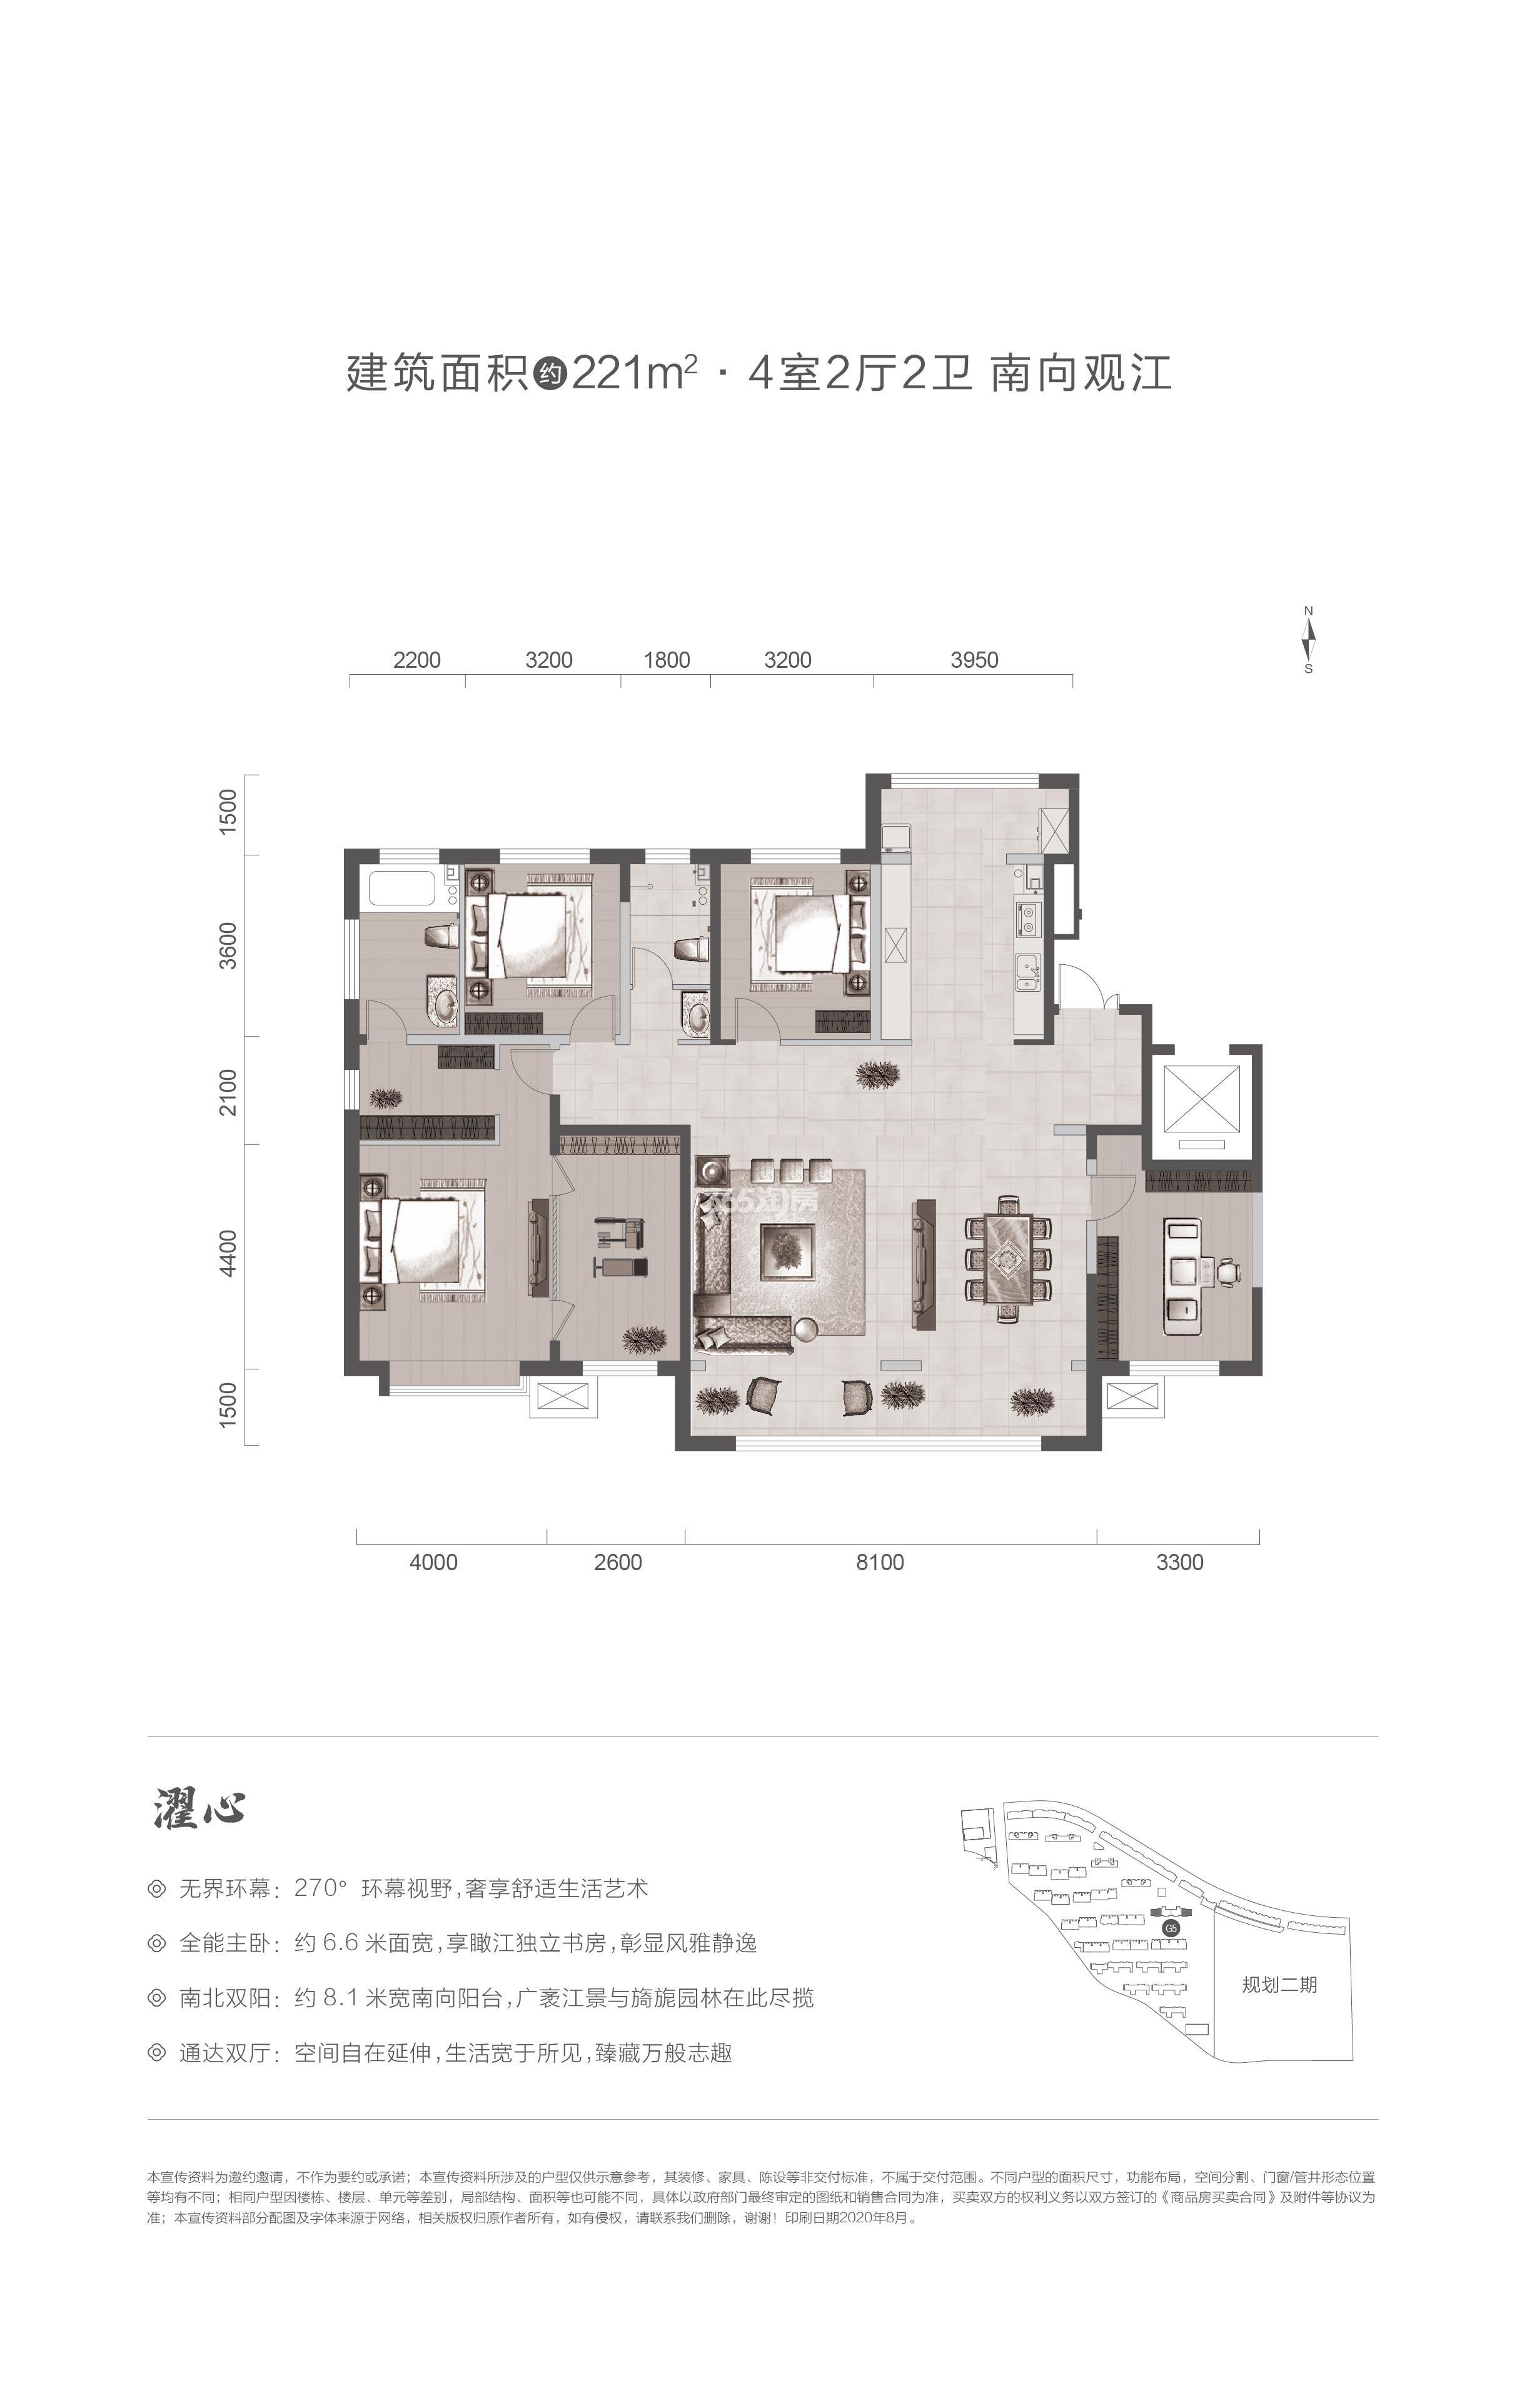 221㎡ 4室2厅2卫